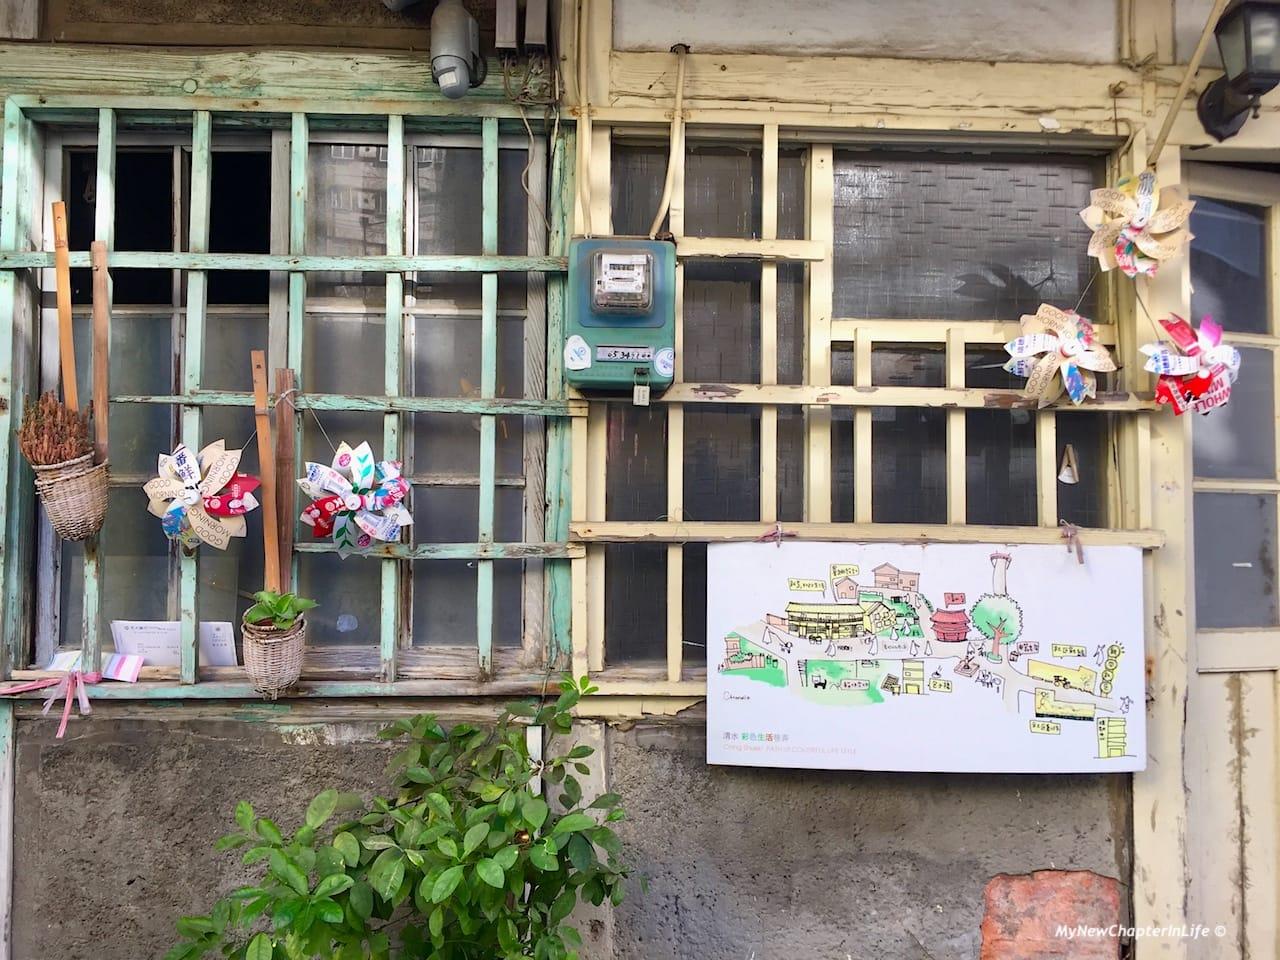 土角厝連體屋建築 Group of consecutive old rammed earth houses